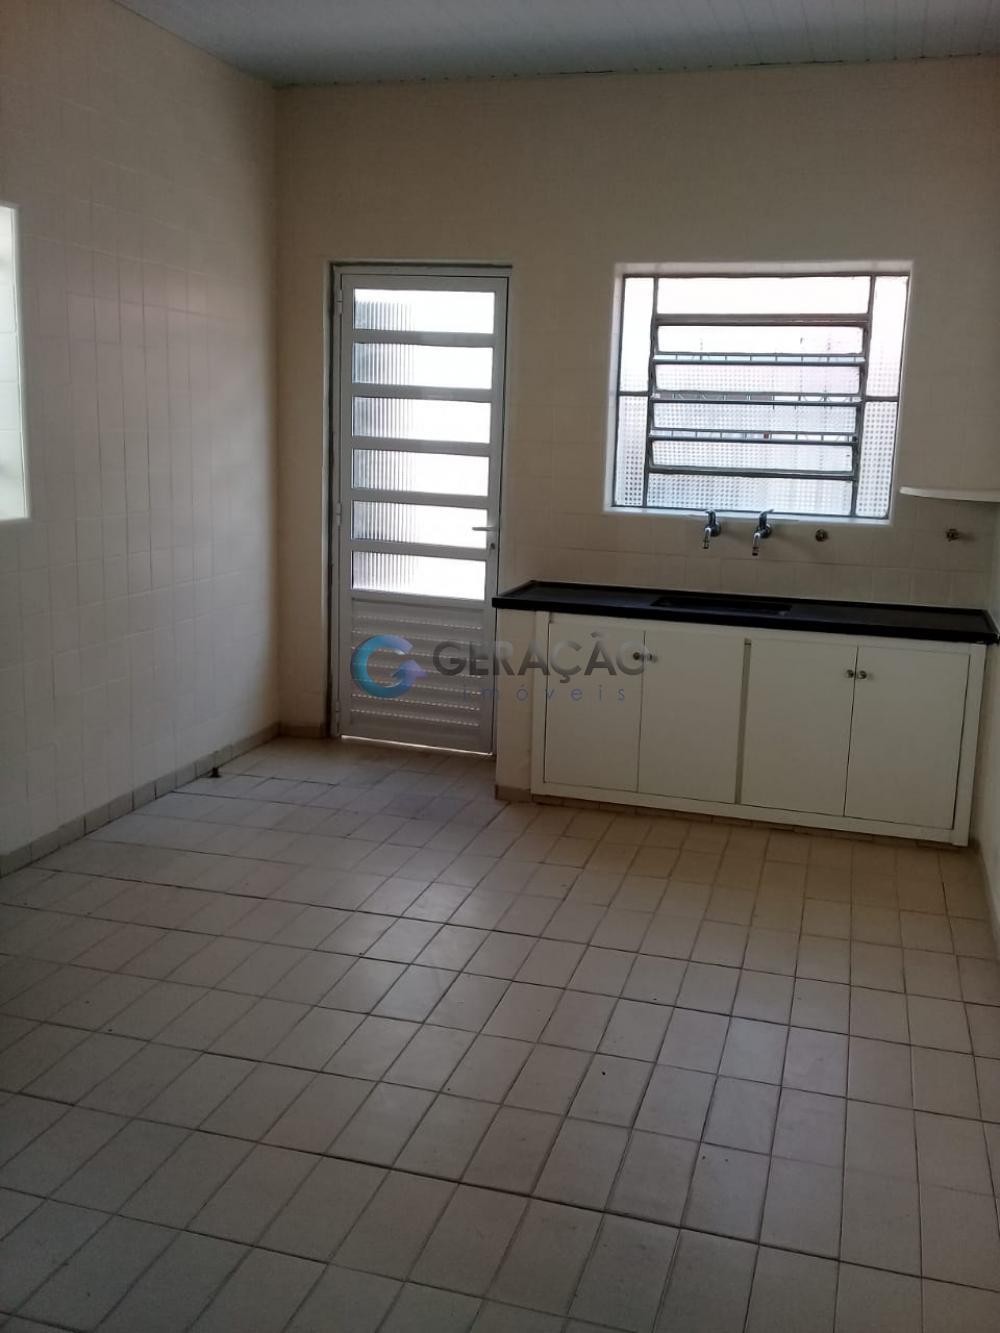 Alugar Comercial / Casa em São José dos Campos R$ 2.800,00 - Foto 5